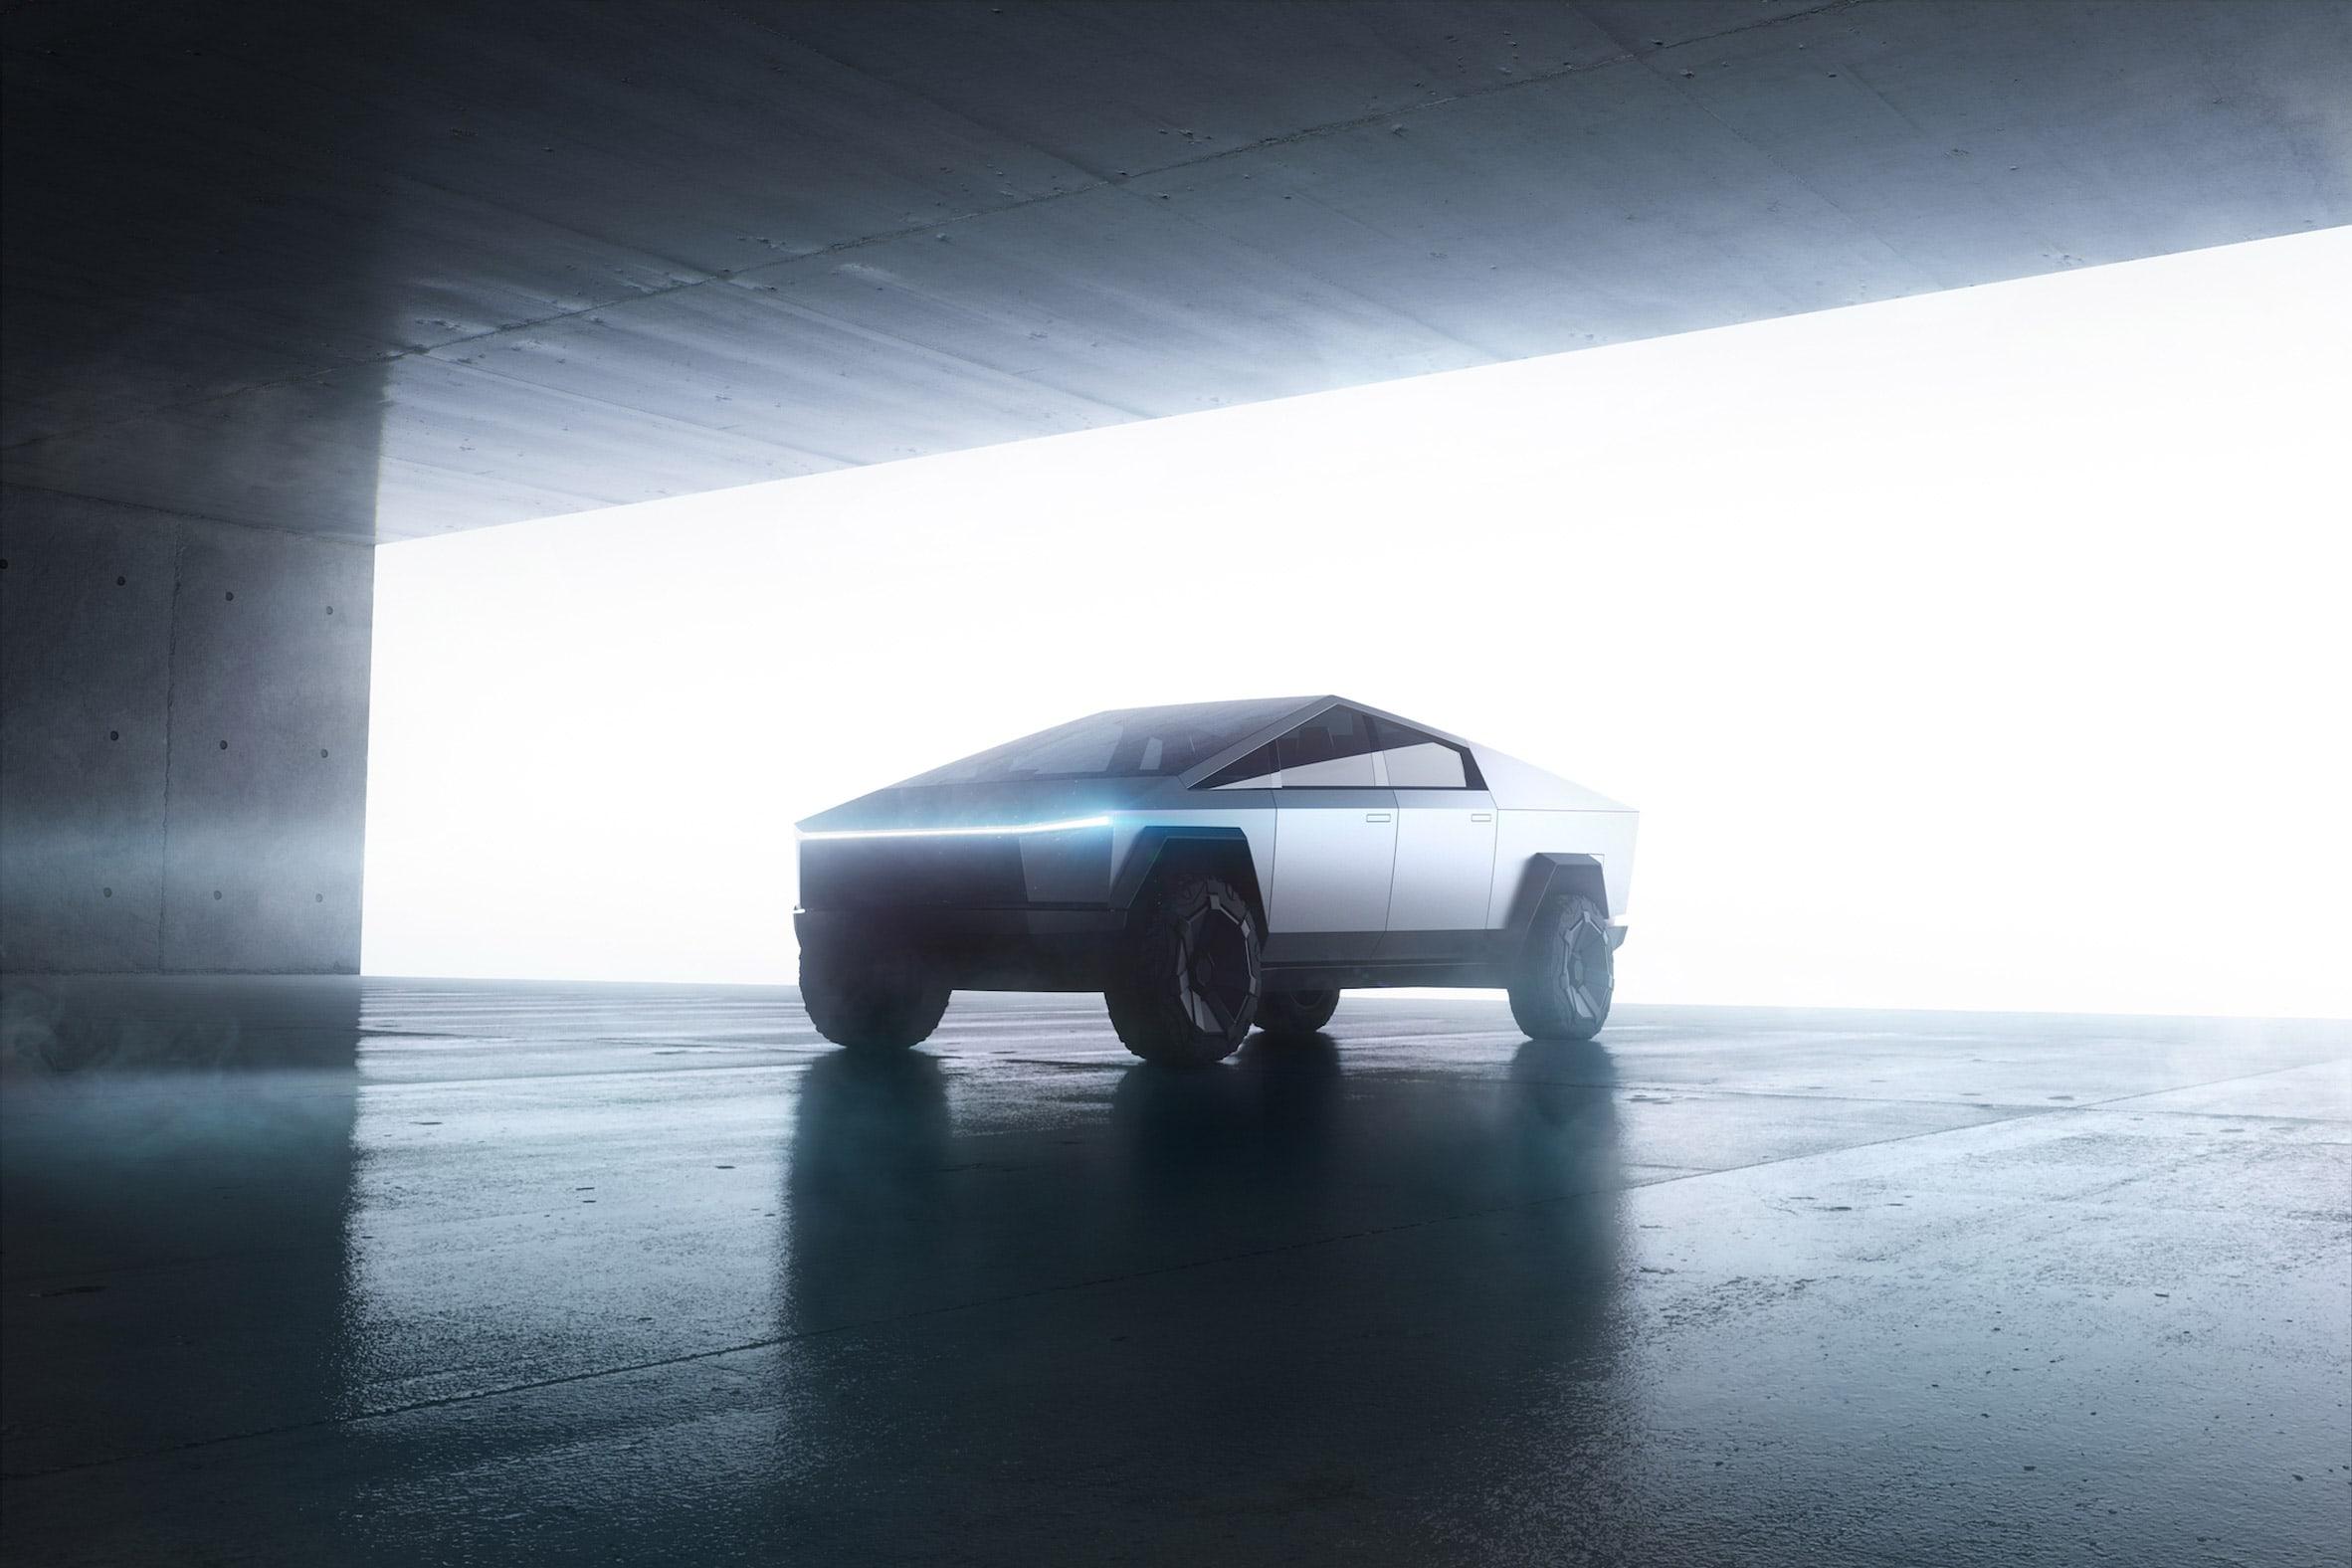 نگاهی به طراحی خودرو برقی آفرود سایبرتراک تسلا